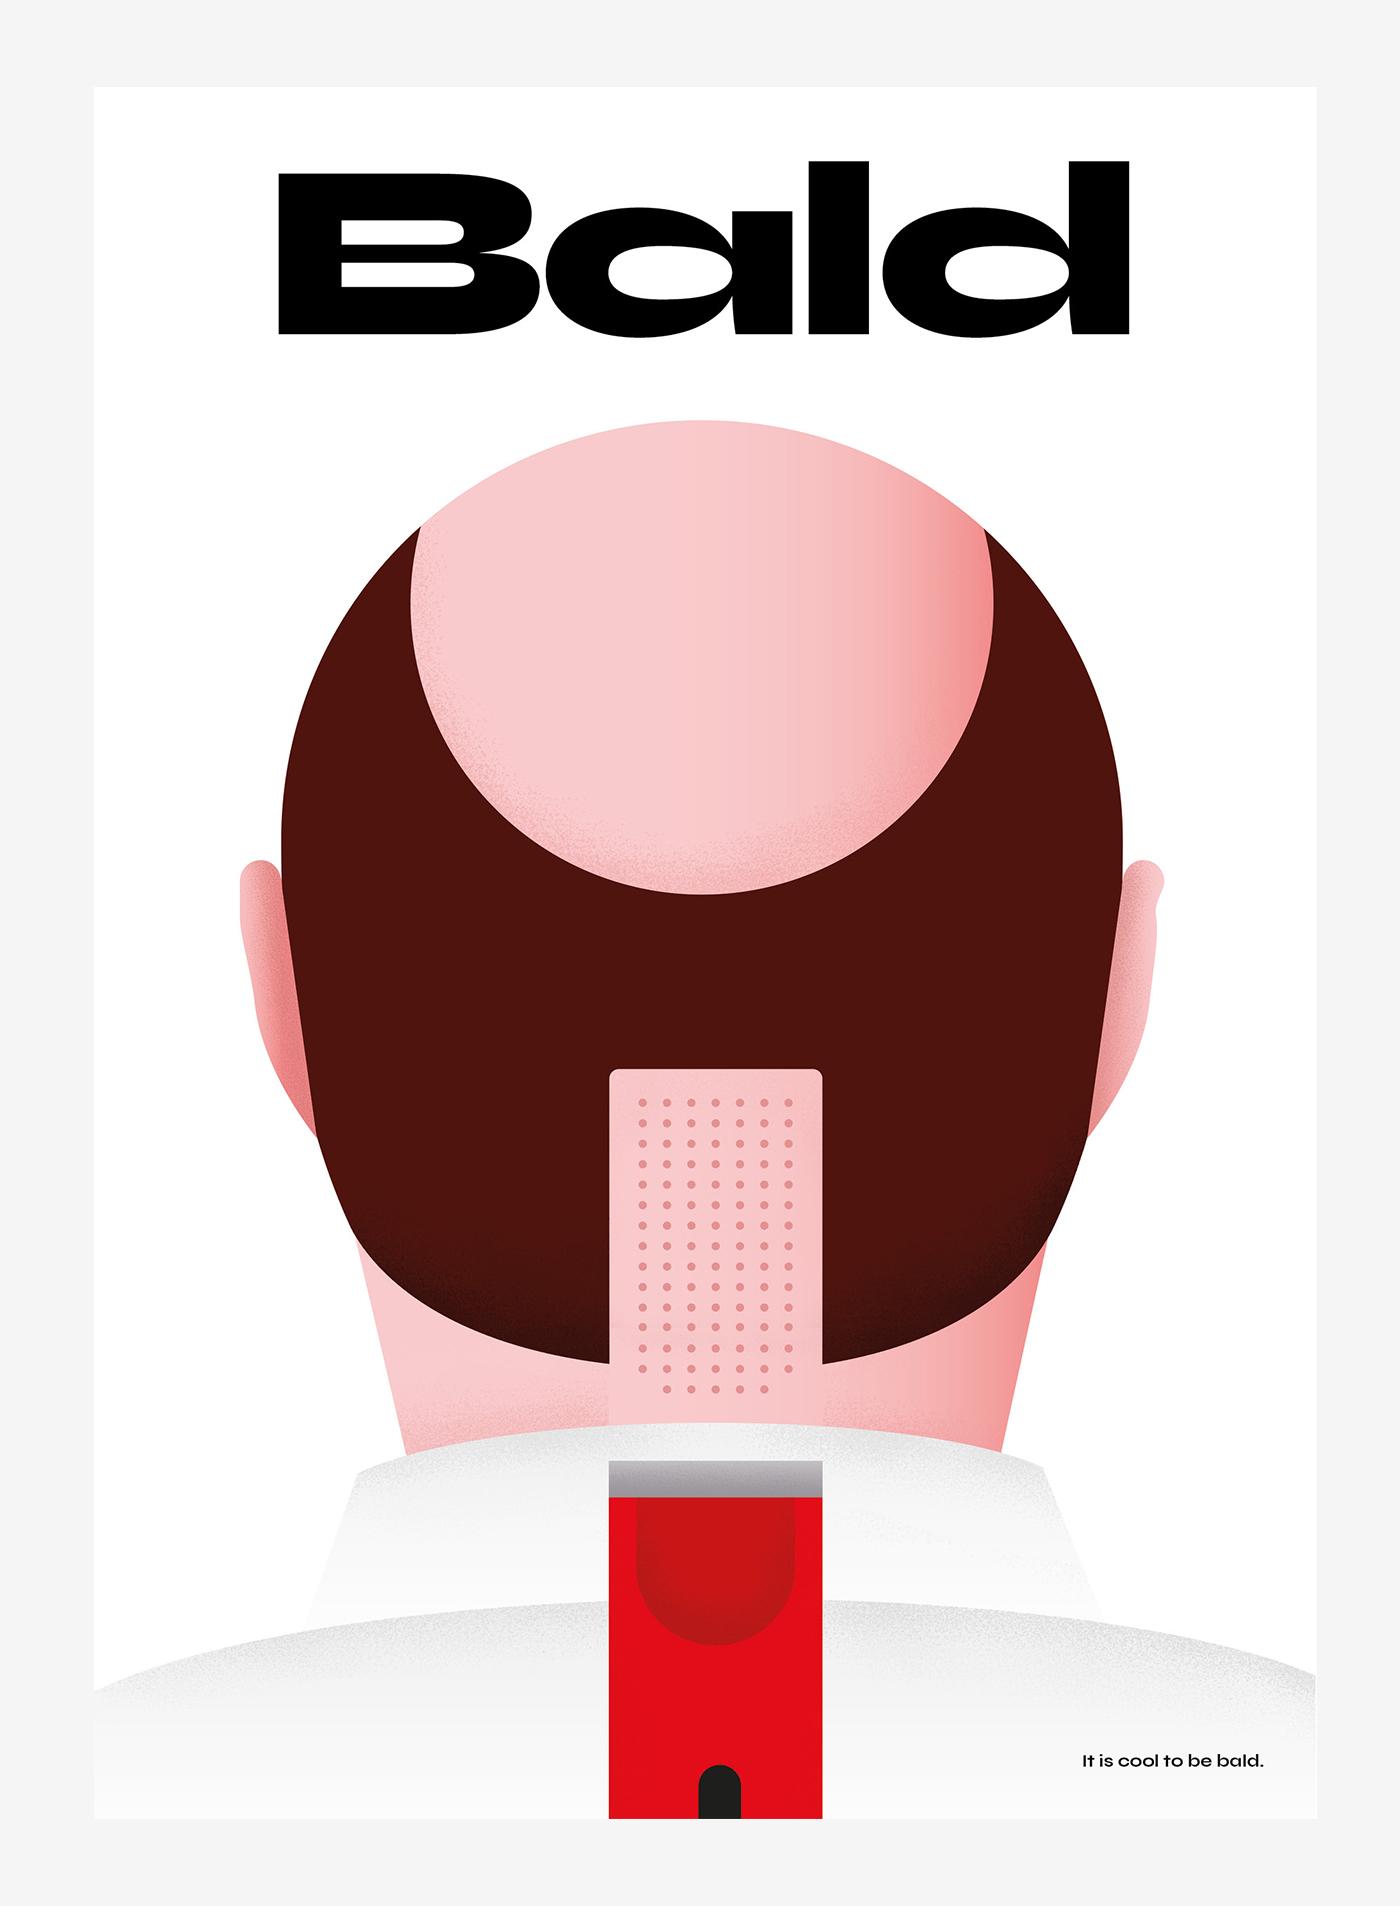 BALD_poster_f5f5f5